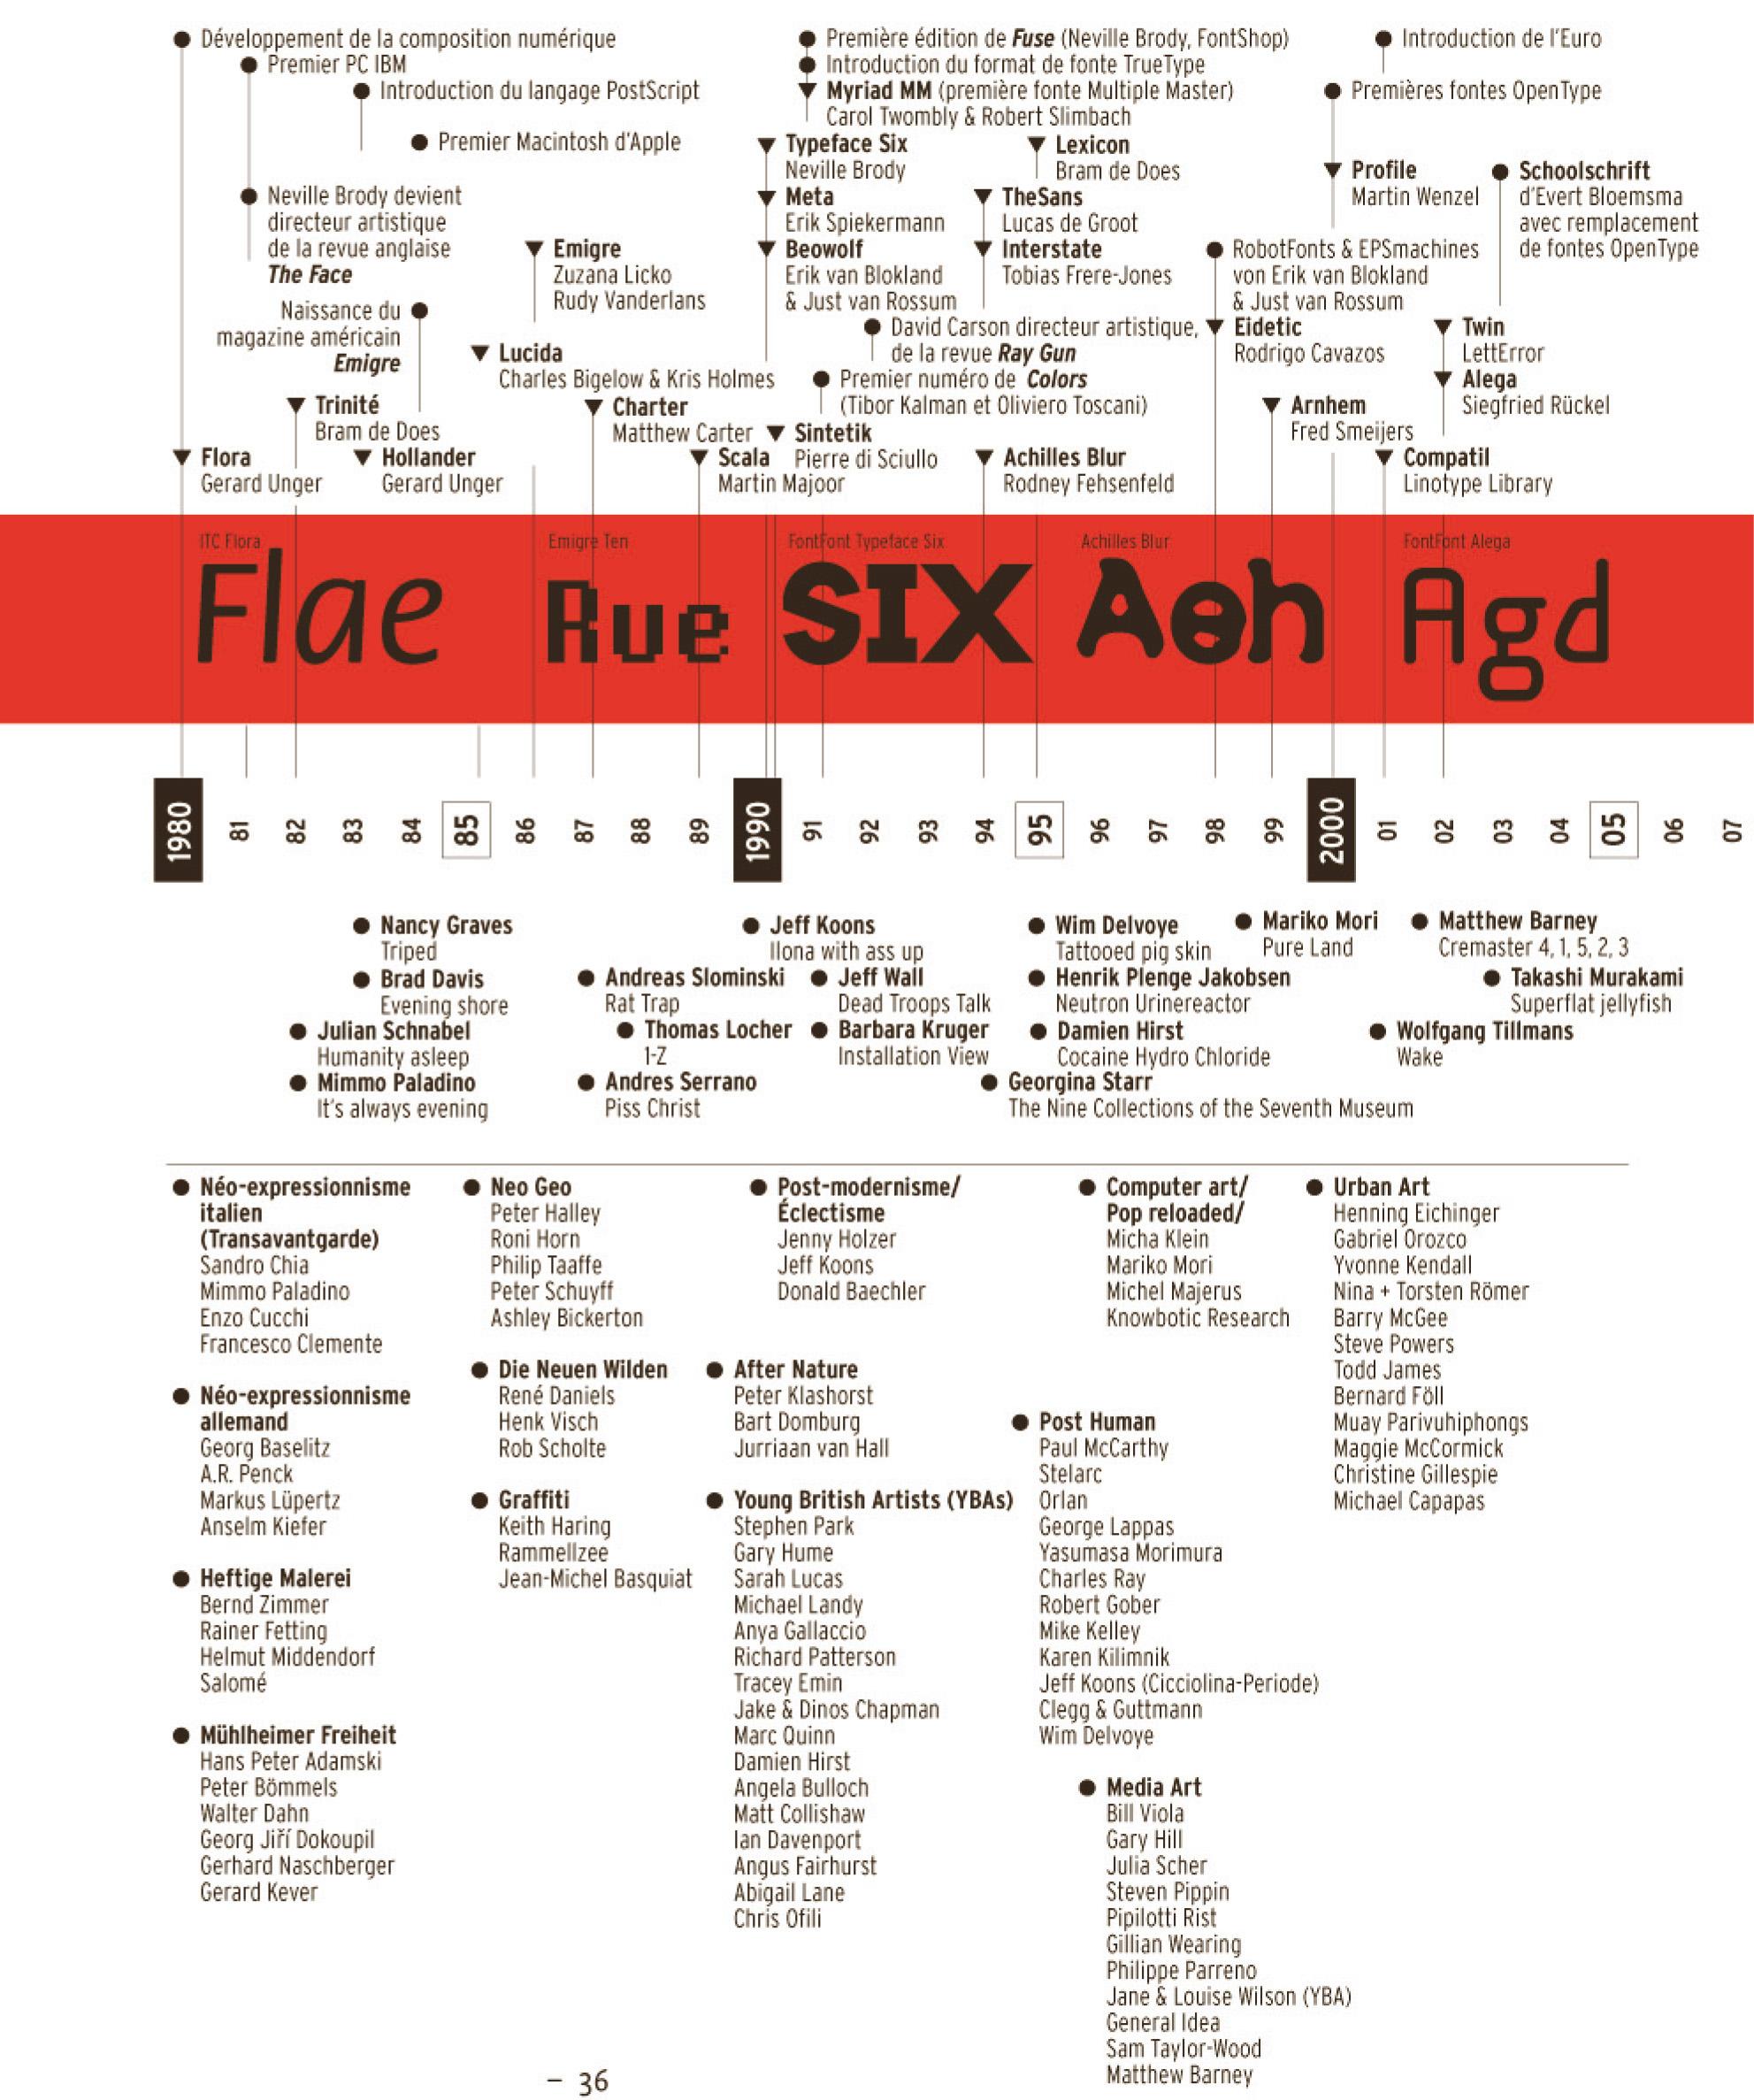 Chronologie art & typographie